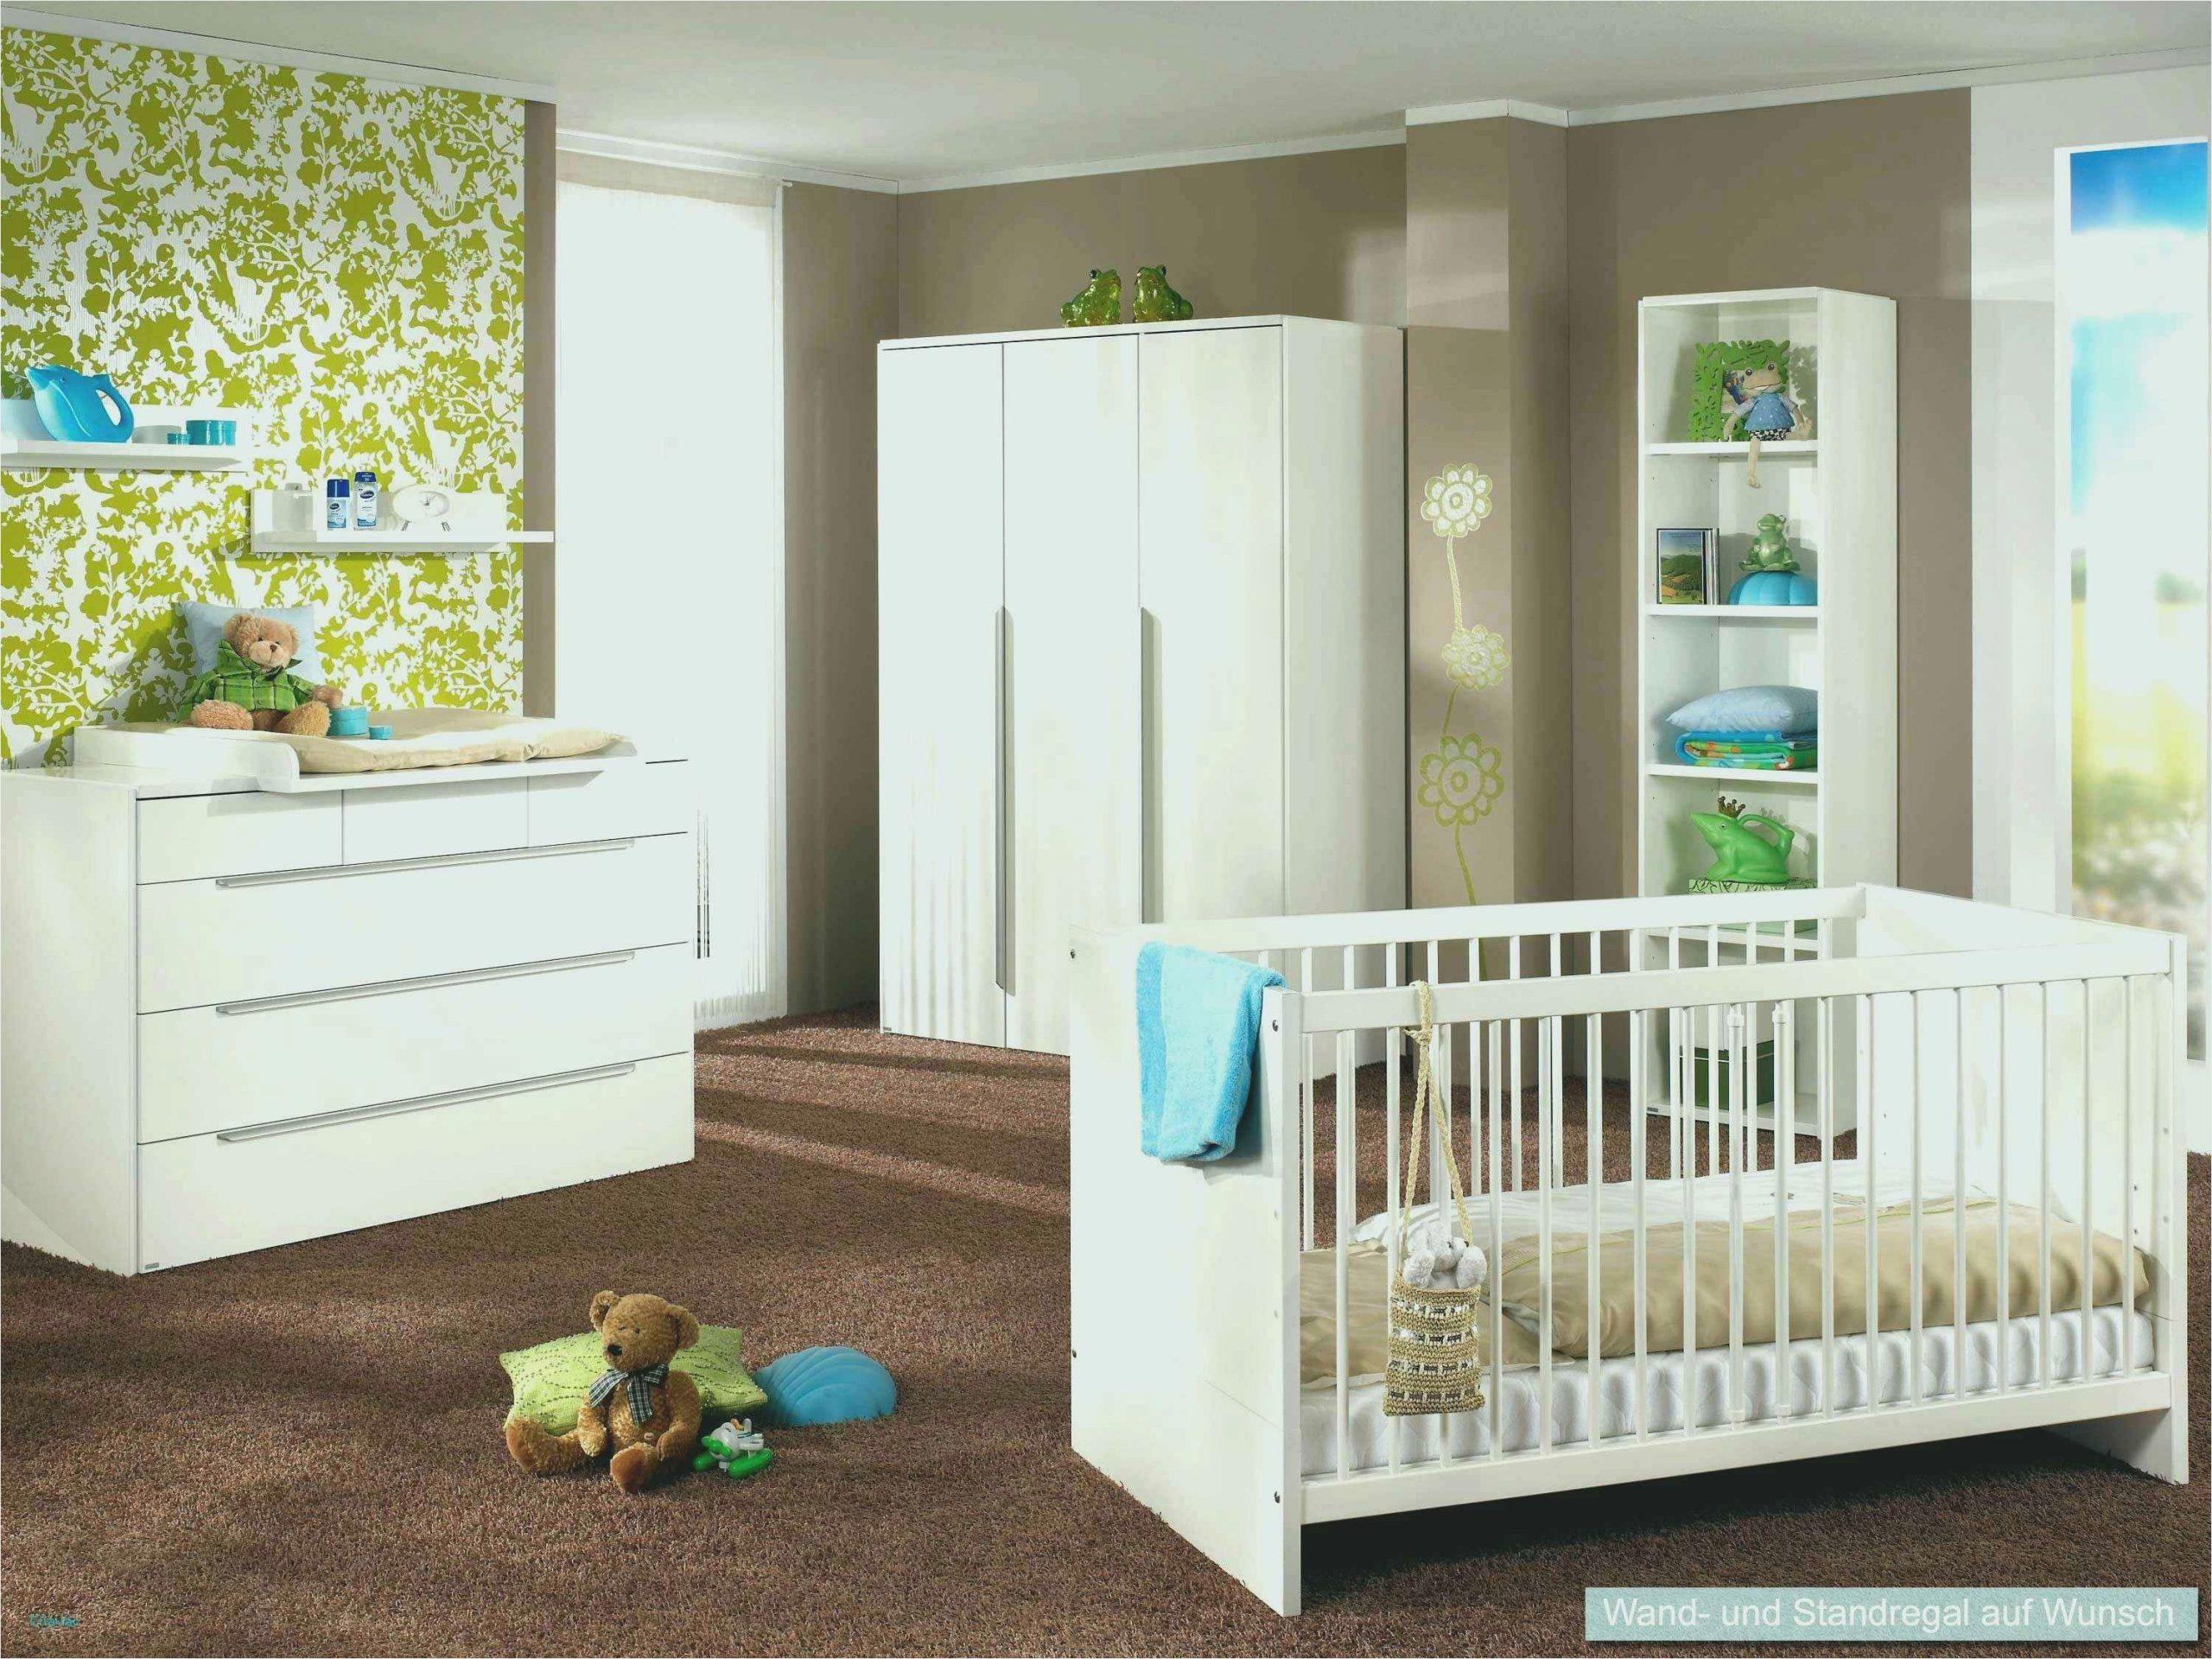 Full Size of Günstige Schlafzimmer Betten Wandbilder Lampe Deckenleuchten Mit überbau Stehlampe Kronleuchter Teppich Gardinen Massivholz Komplette Regal Schlafzimmer Günstige Schlafzimmer